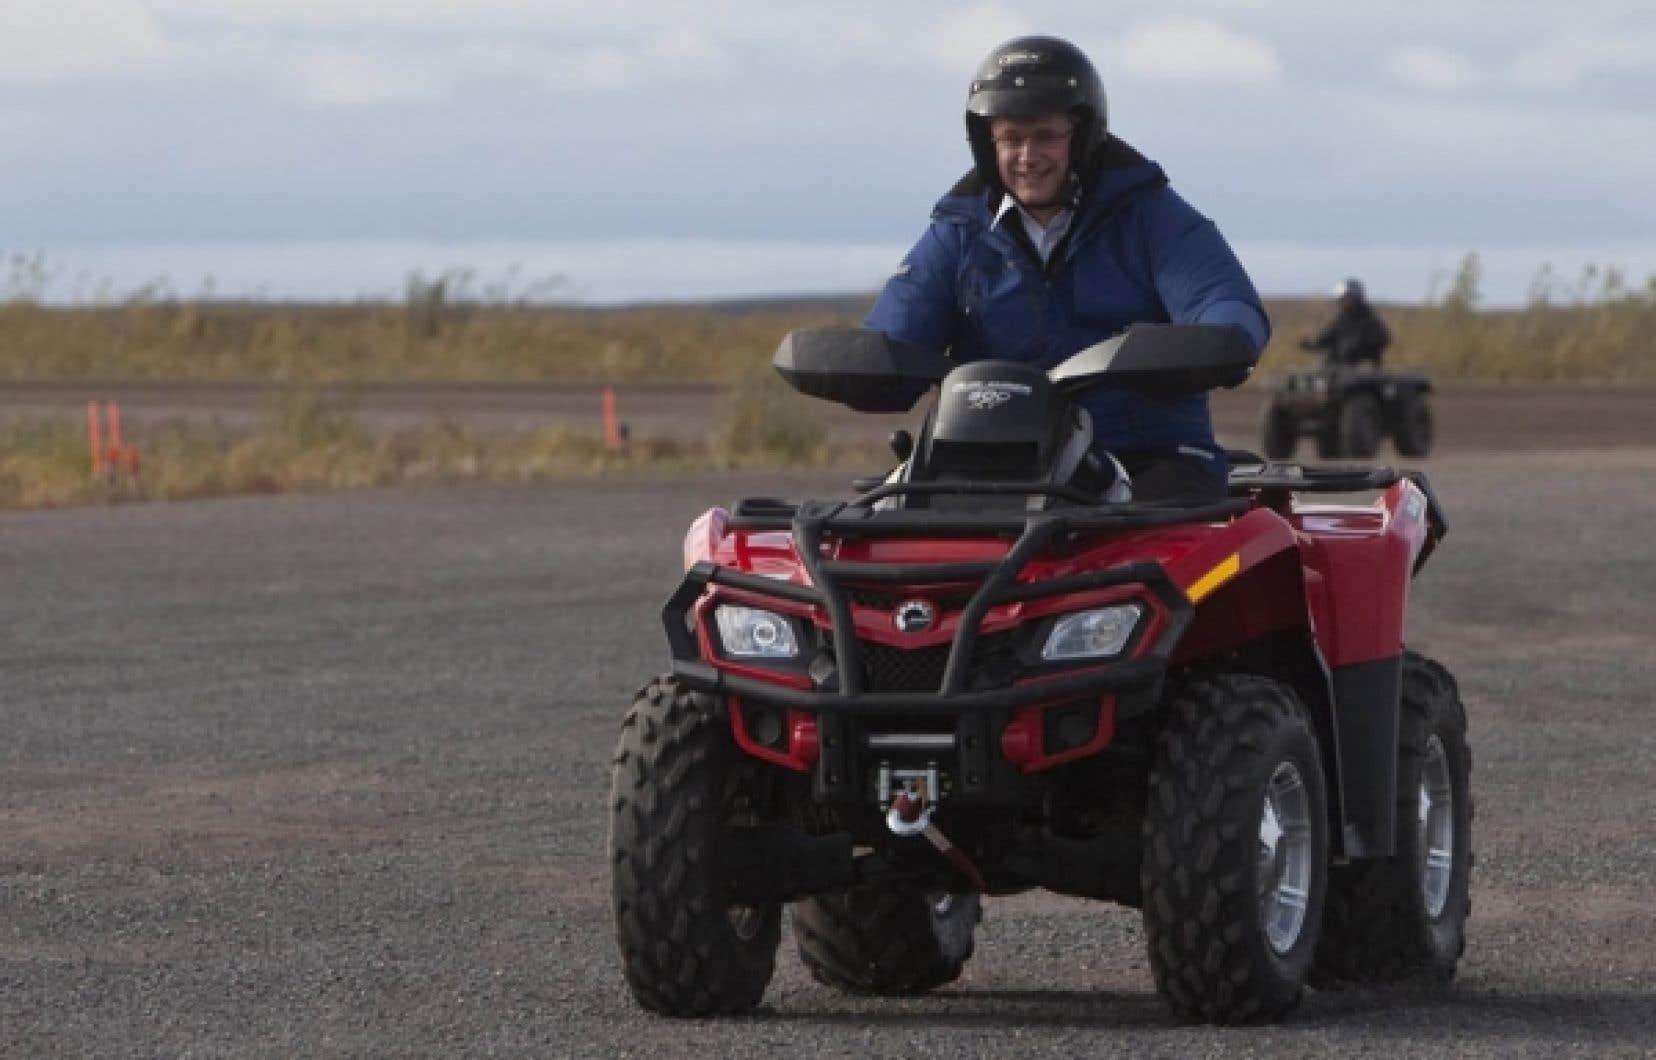 En tournée dans l'Arctique, le premier ministre canadien Stephen Harper enfourchait hier un véhicule tout-terrain pour se lancer à l'assaut du paysage nordique...